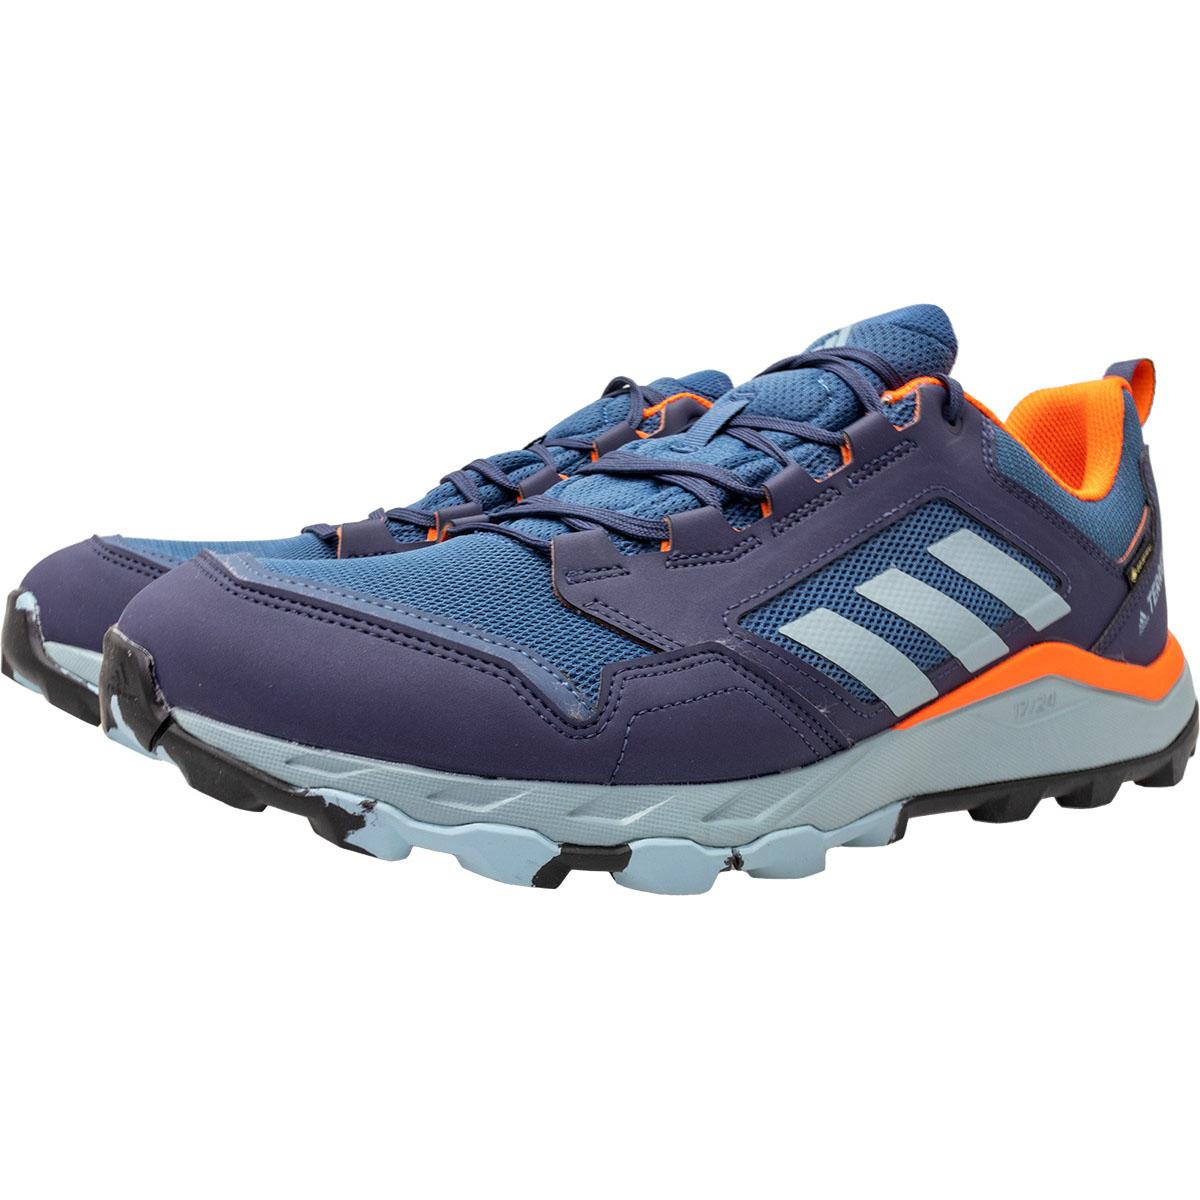 DUNLOP マグナムエスティー 【ST306】 幅広モデル 安全靴 30cm (ダンロップ エスティ 306)